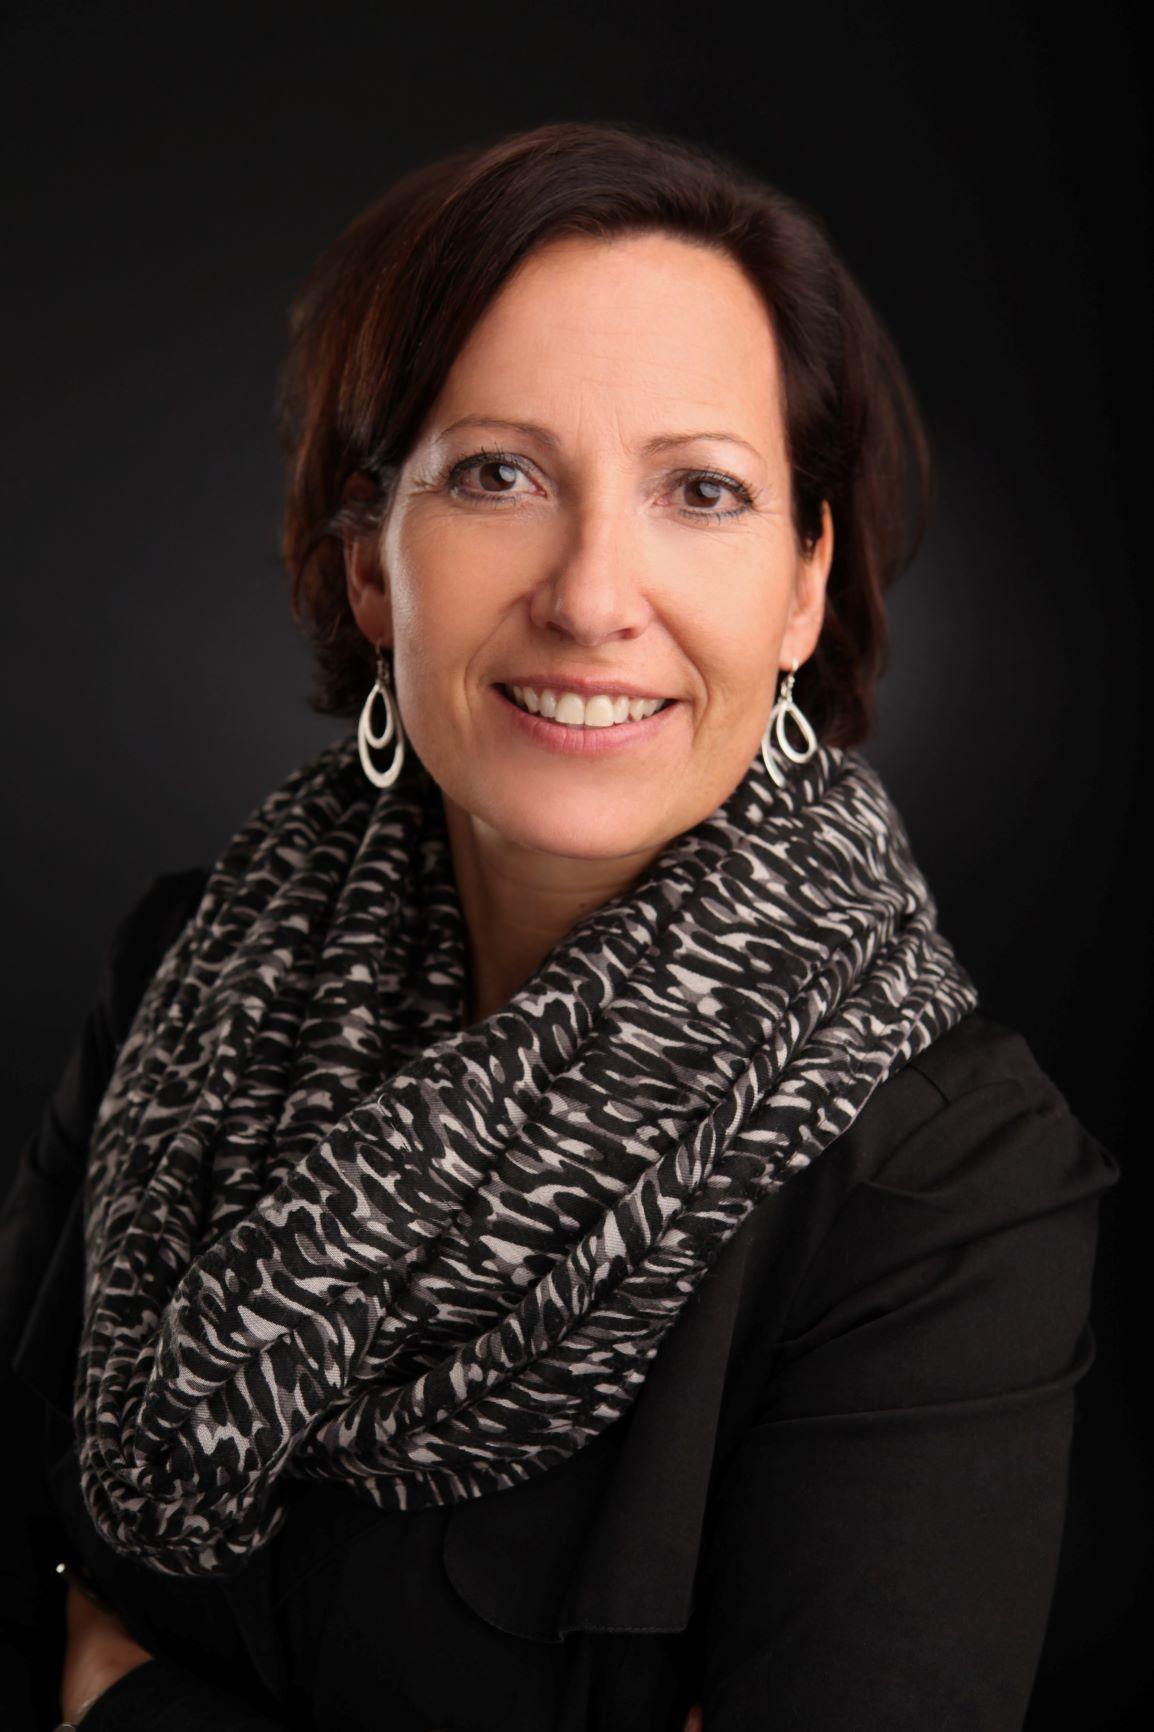 Karin Kronthaler, Redakteurin